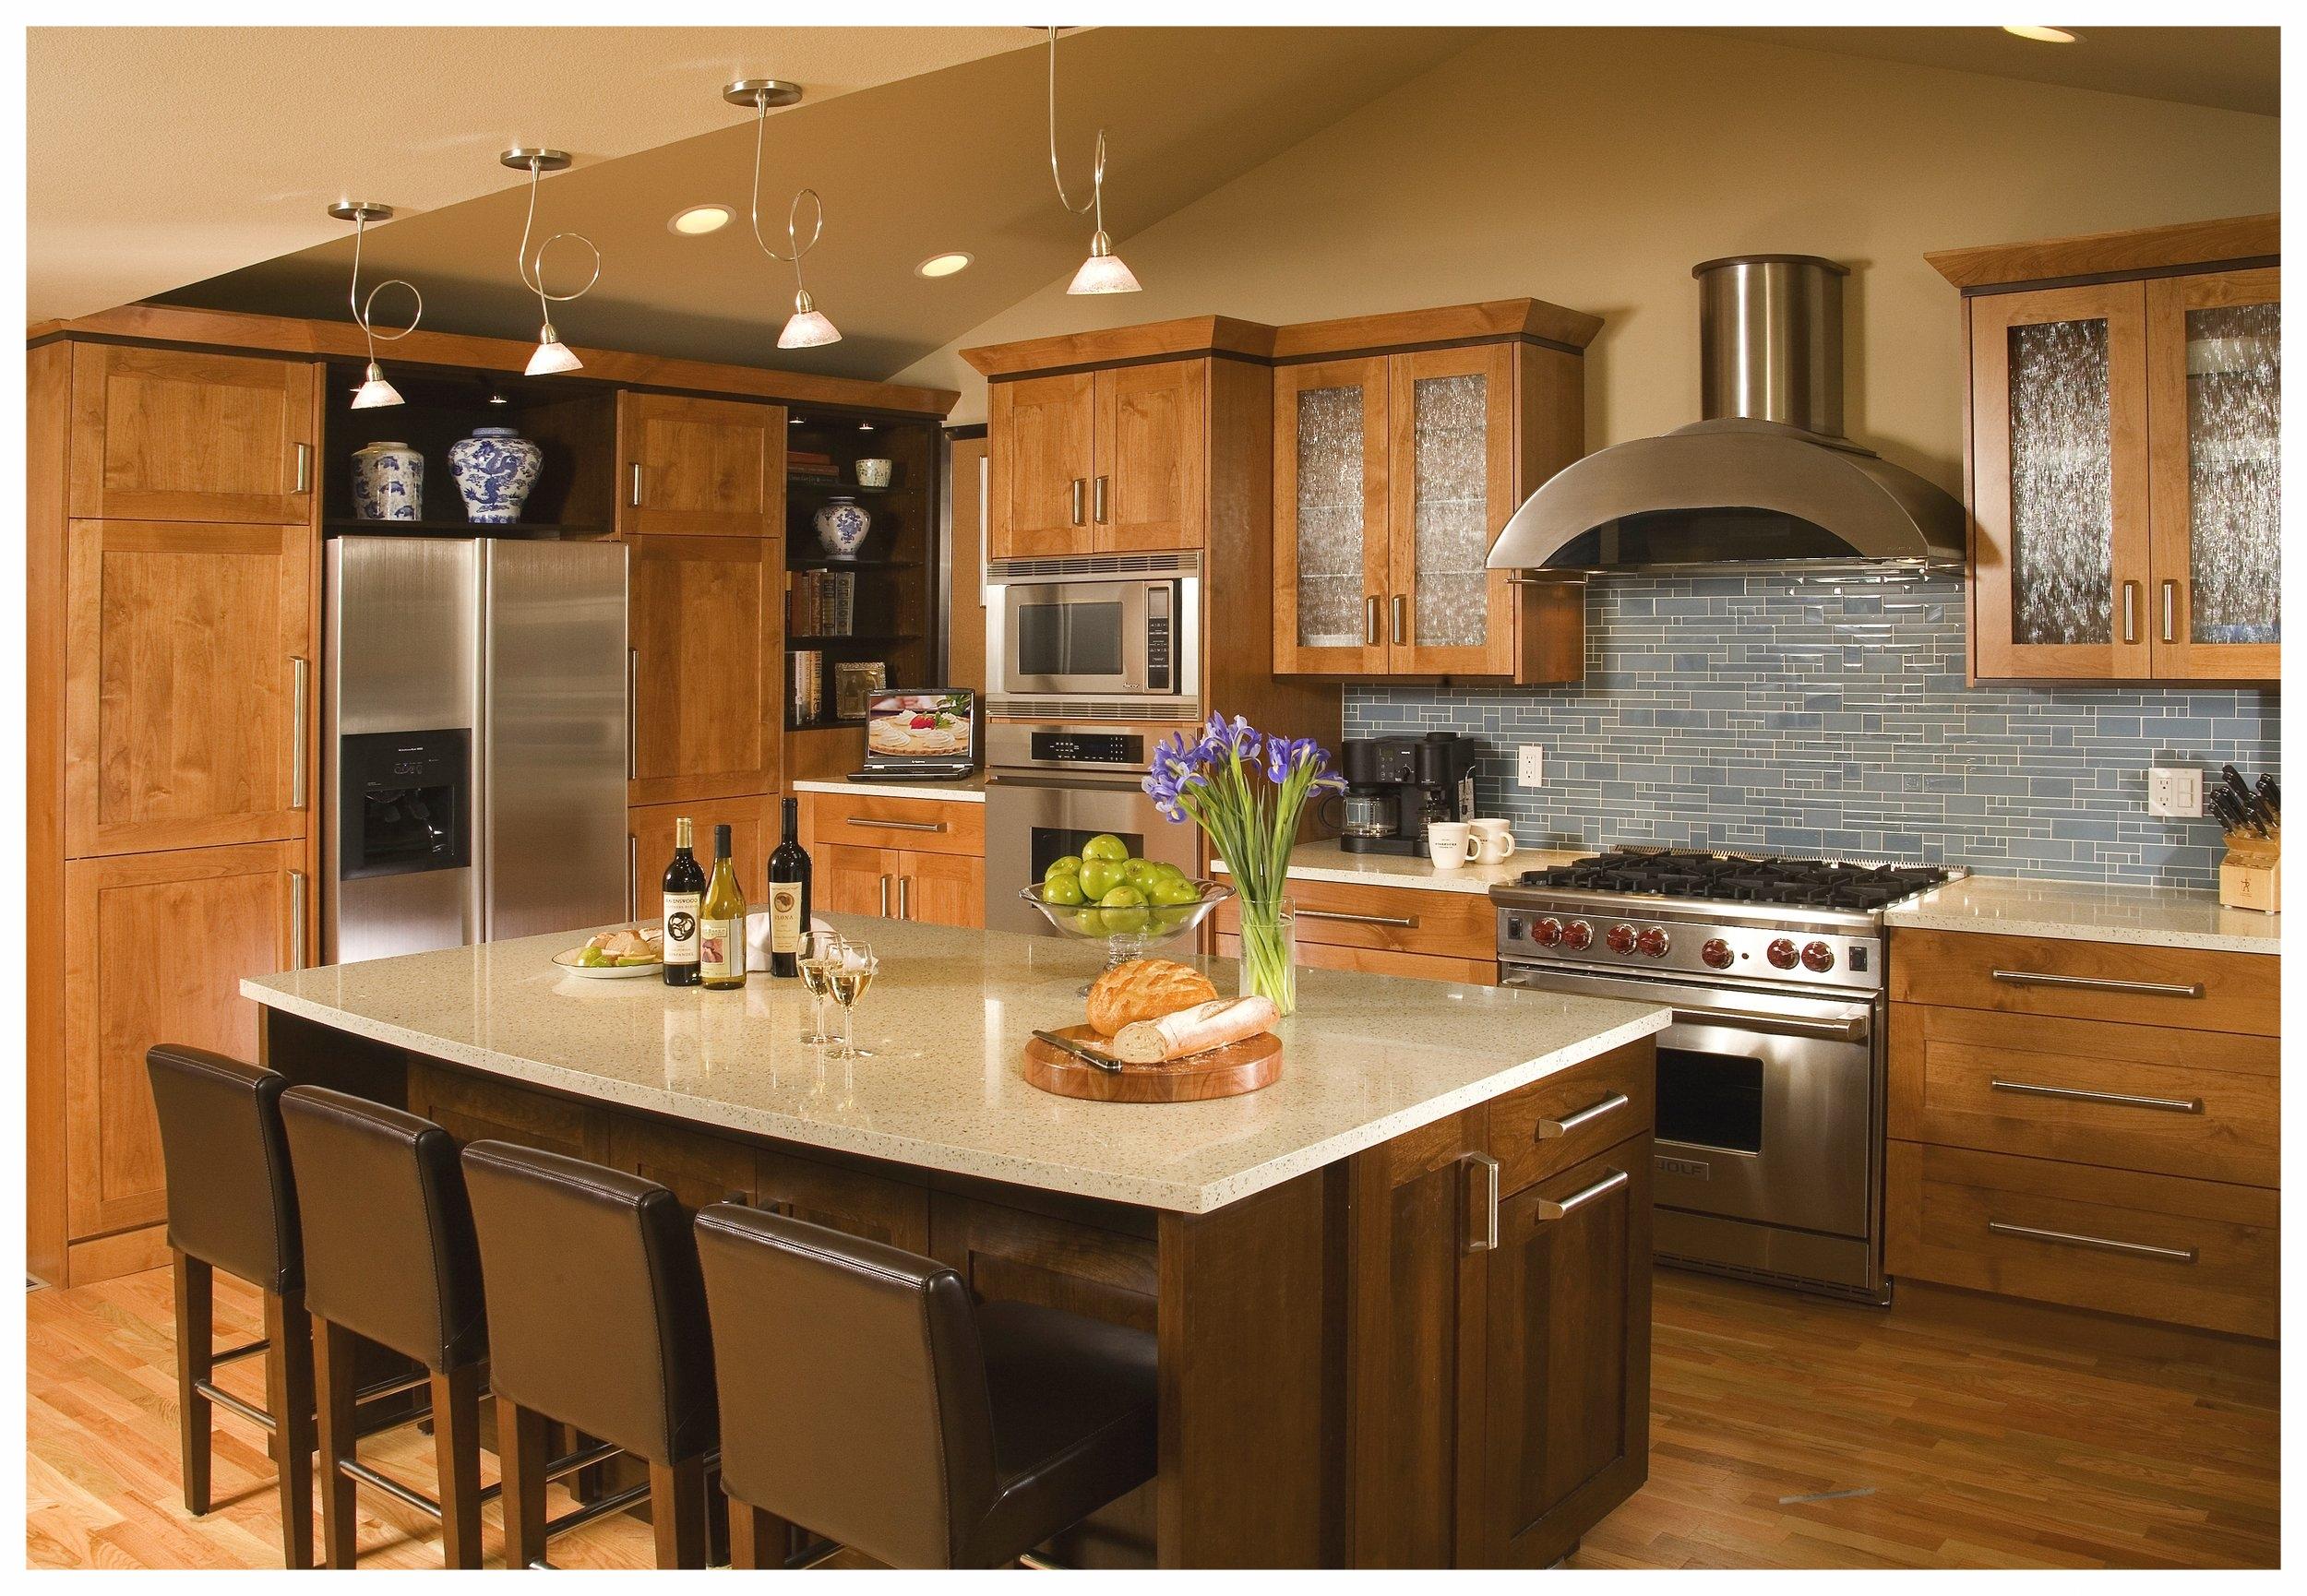 Bellevue Wilburton Park Transitional Kitchen 3.jpg